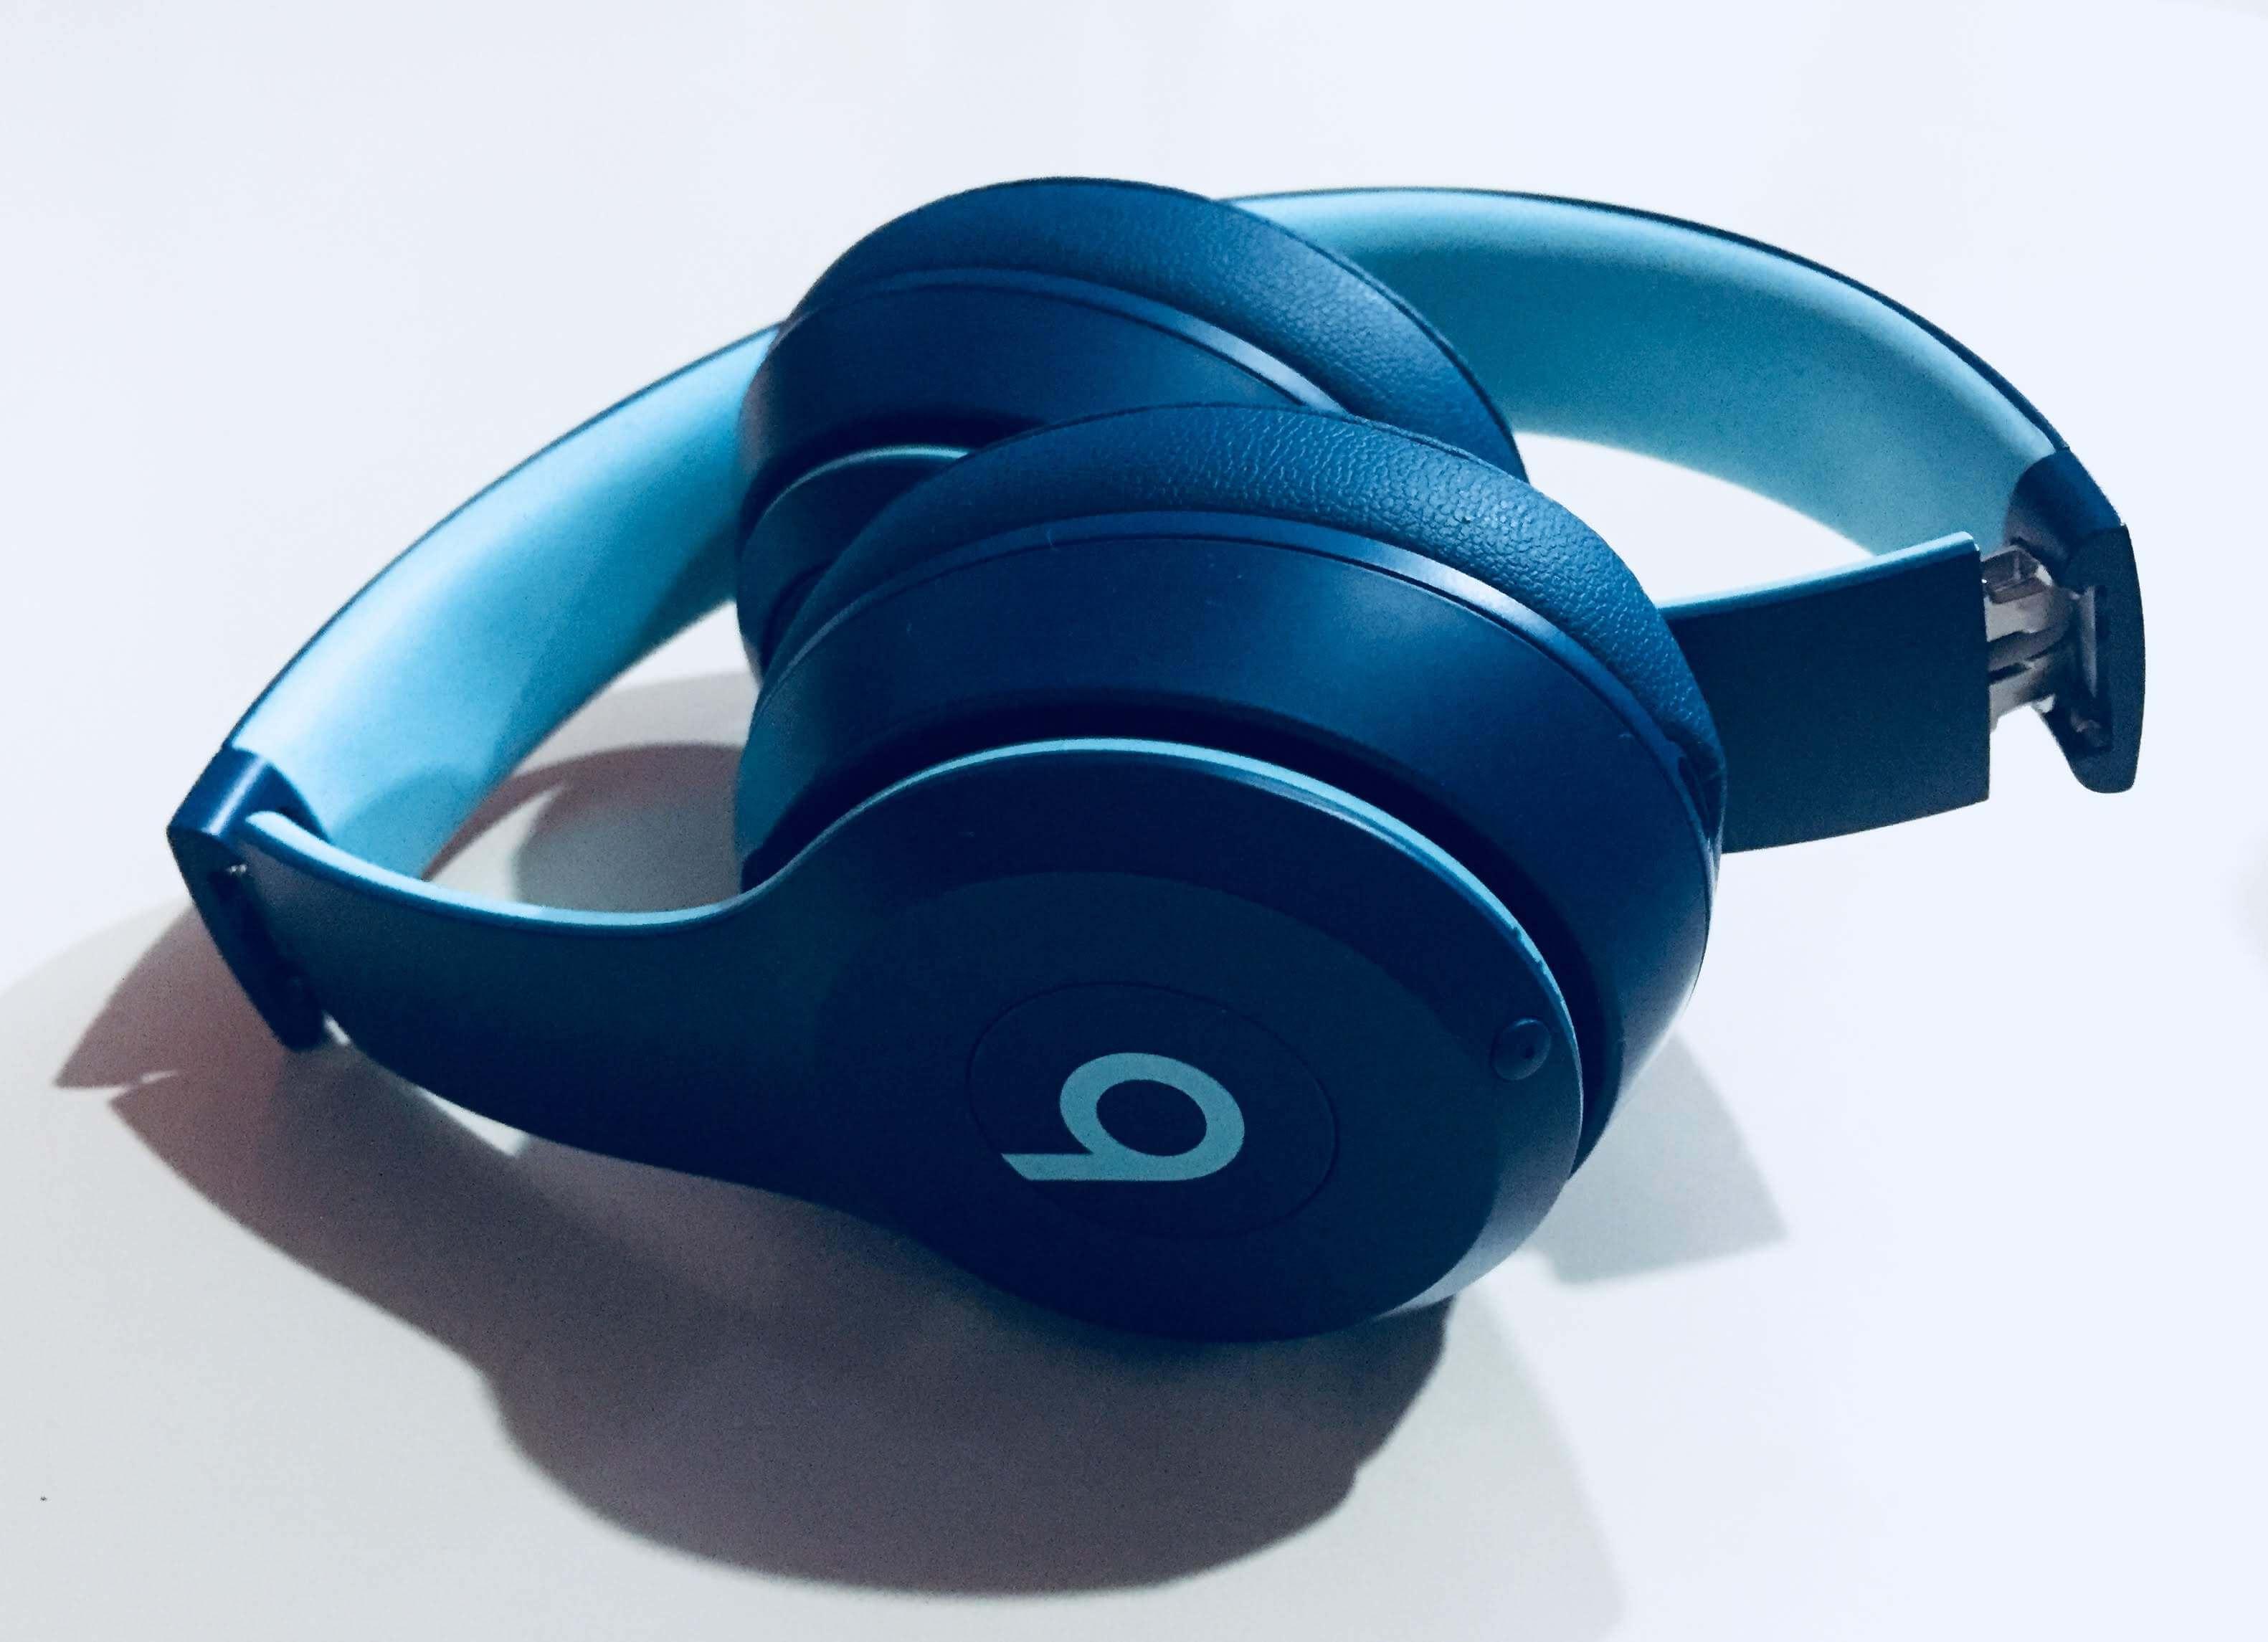 IMG 0437 - Review: Beats Solo3 Wireless, o fone bluetooth para todas as ocasiões